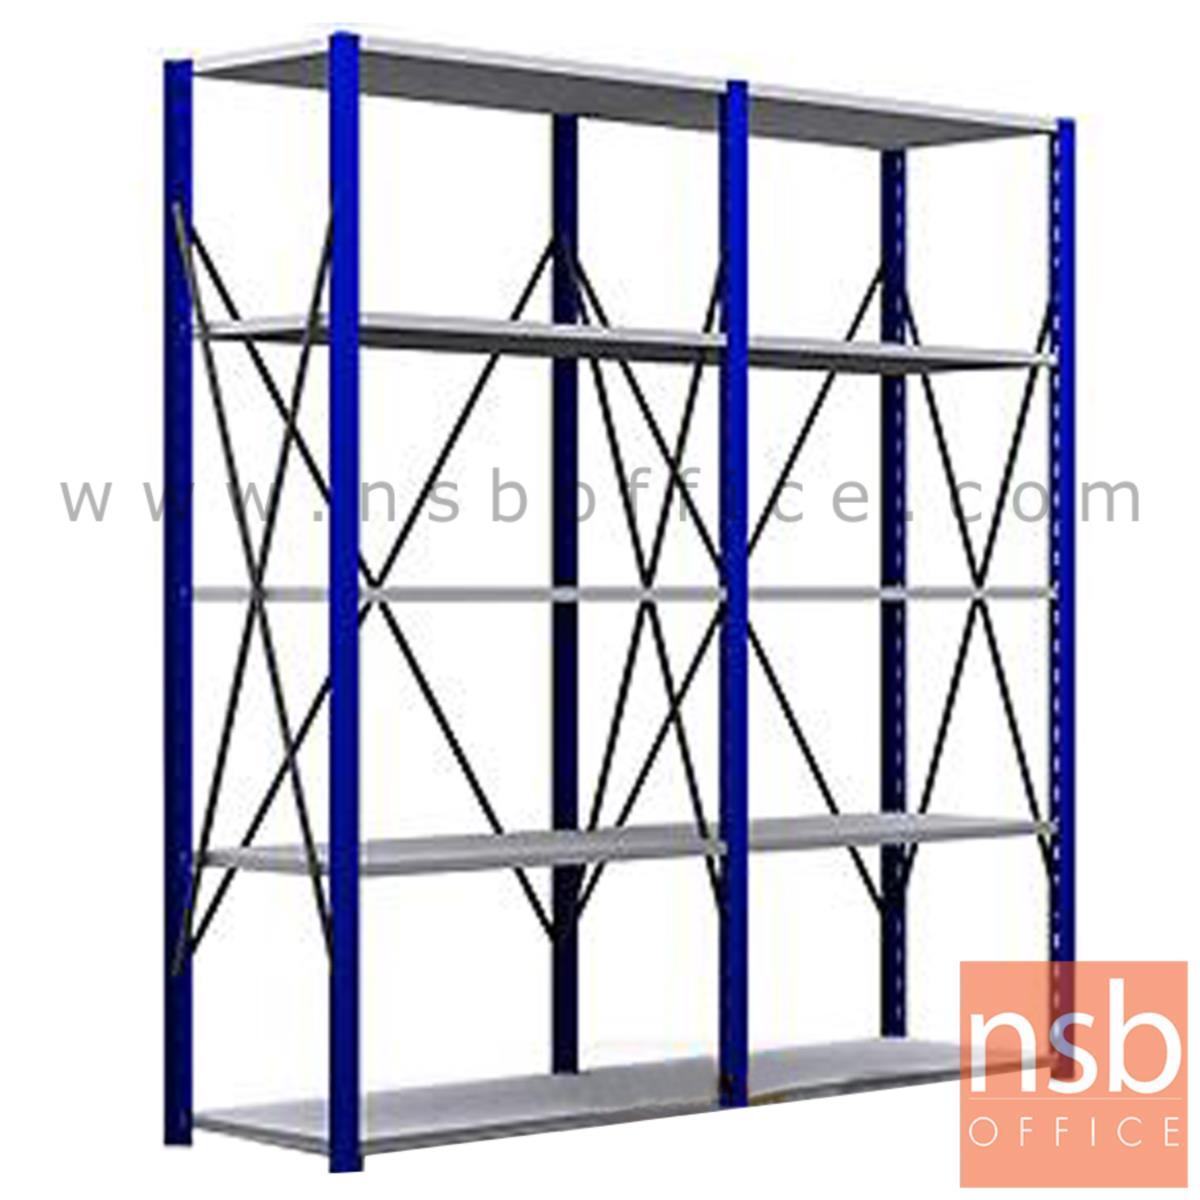 D03A013:ชั้นเหล็ก MR  ขนาด 120W*60D (180H - 240H) cm. ชั้นปรับระดับได้ รับน้ำหนัก 150-200 KG/ชั้น